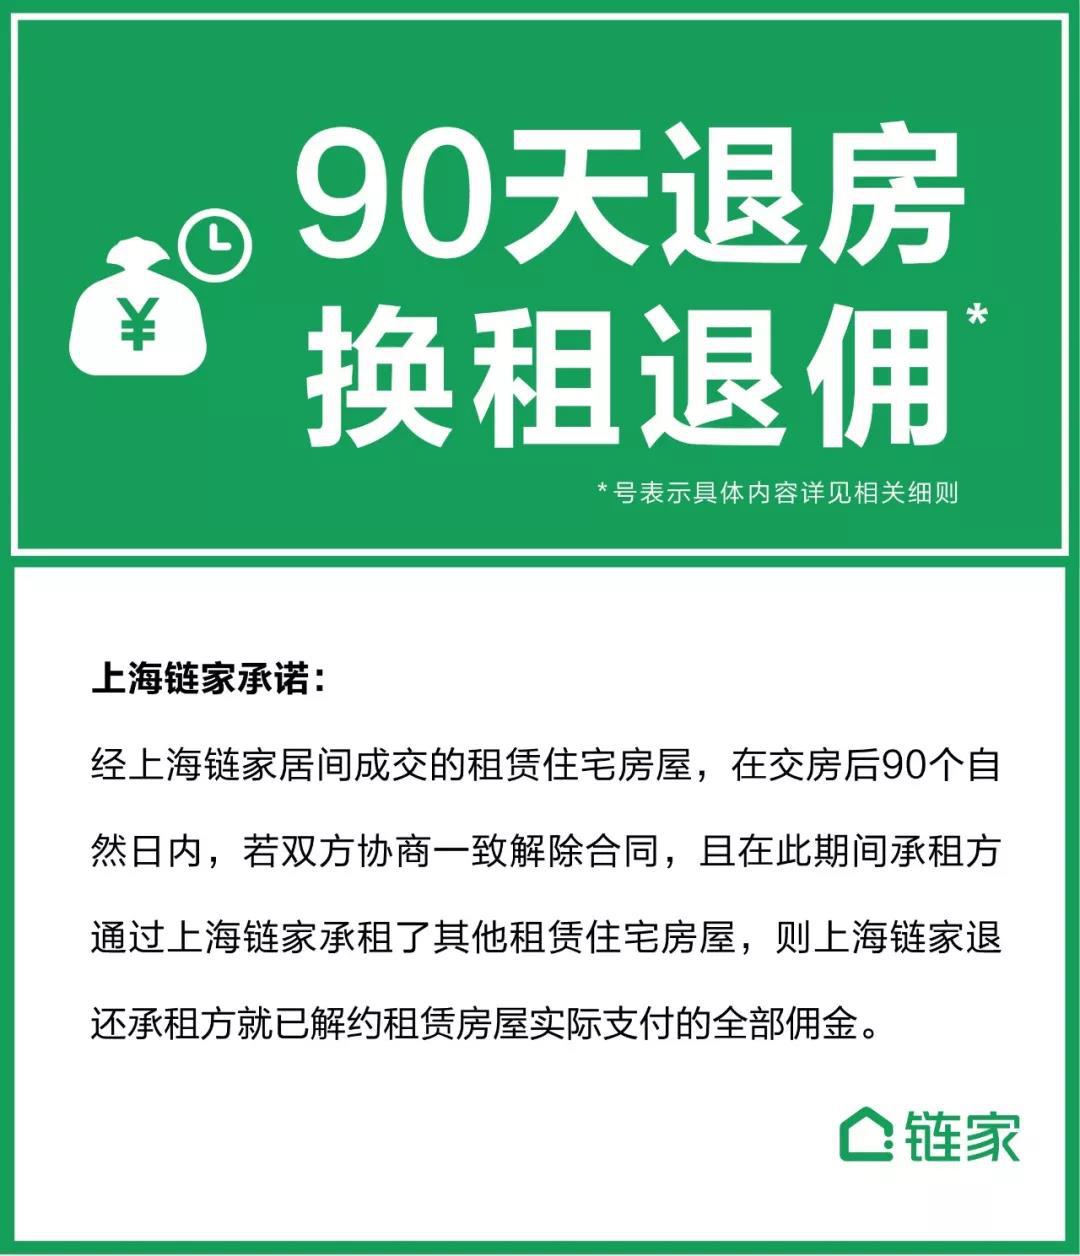 """直接打出""""租赁痛点""""上海连锁家居安心服务承诺让租户担心"""